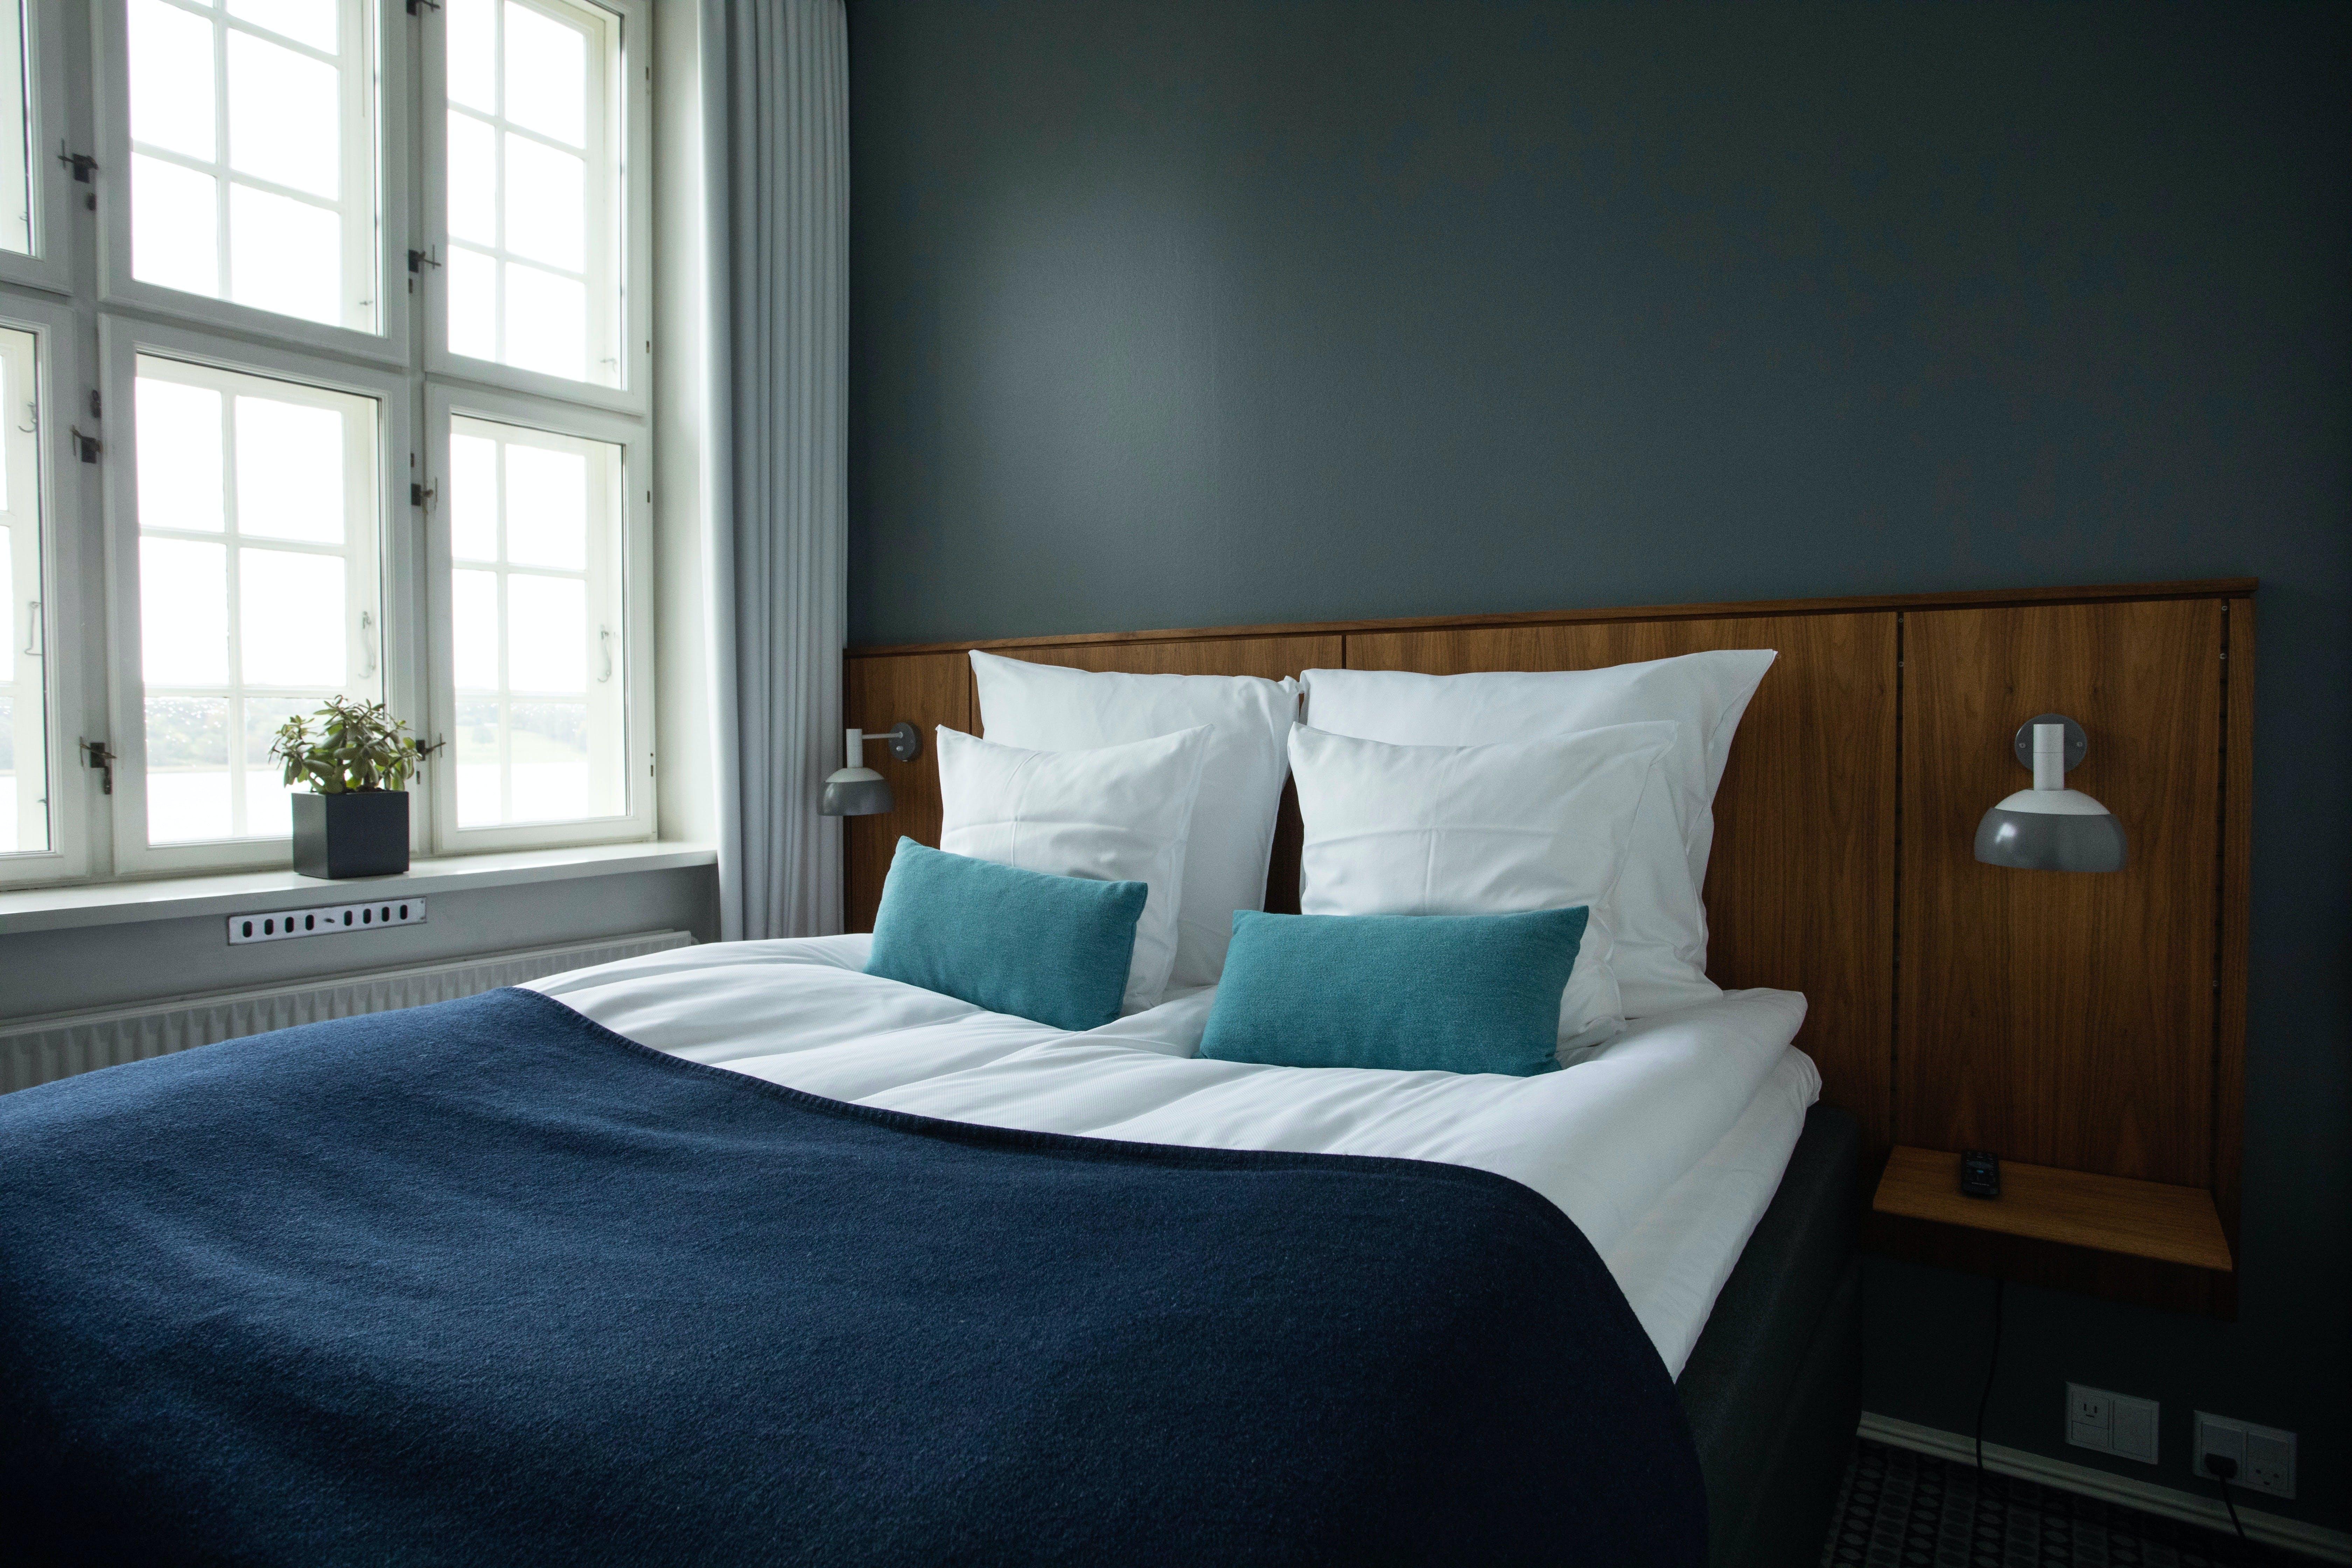 Hotel soveværelse seng